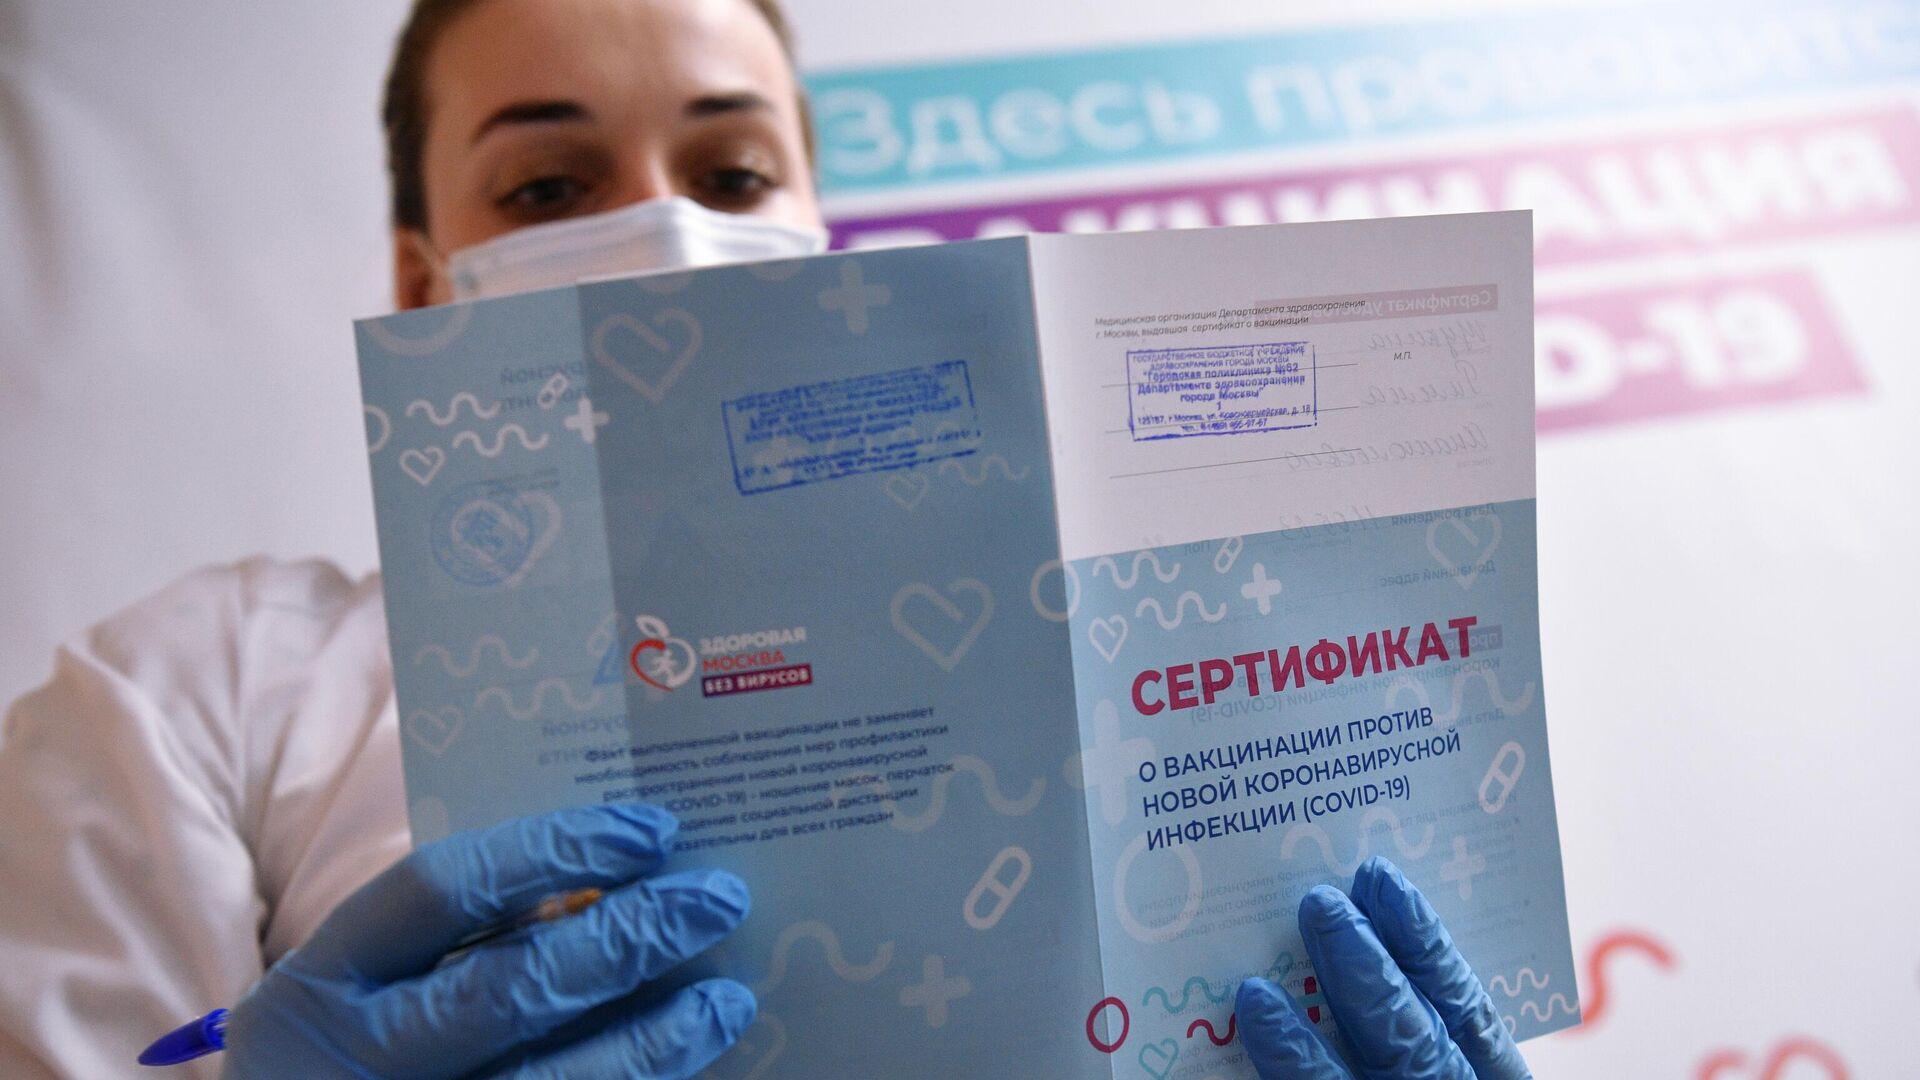 Медицинский работник держит в руках сертификат о вакцинации в мобильном пункте вакцинации от COVID-19 в торговом центре Арена Плаза в Москве - РИА Новости, 1920, 01.07.2021